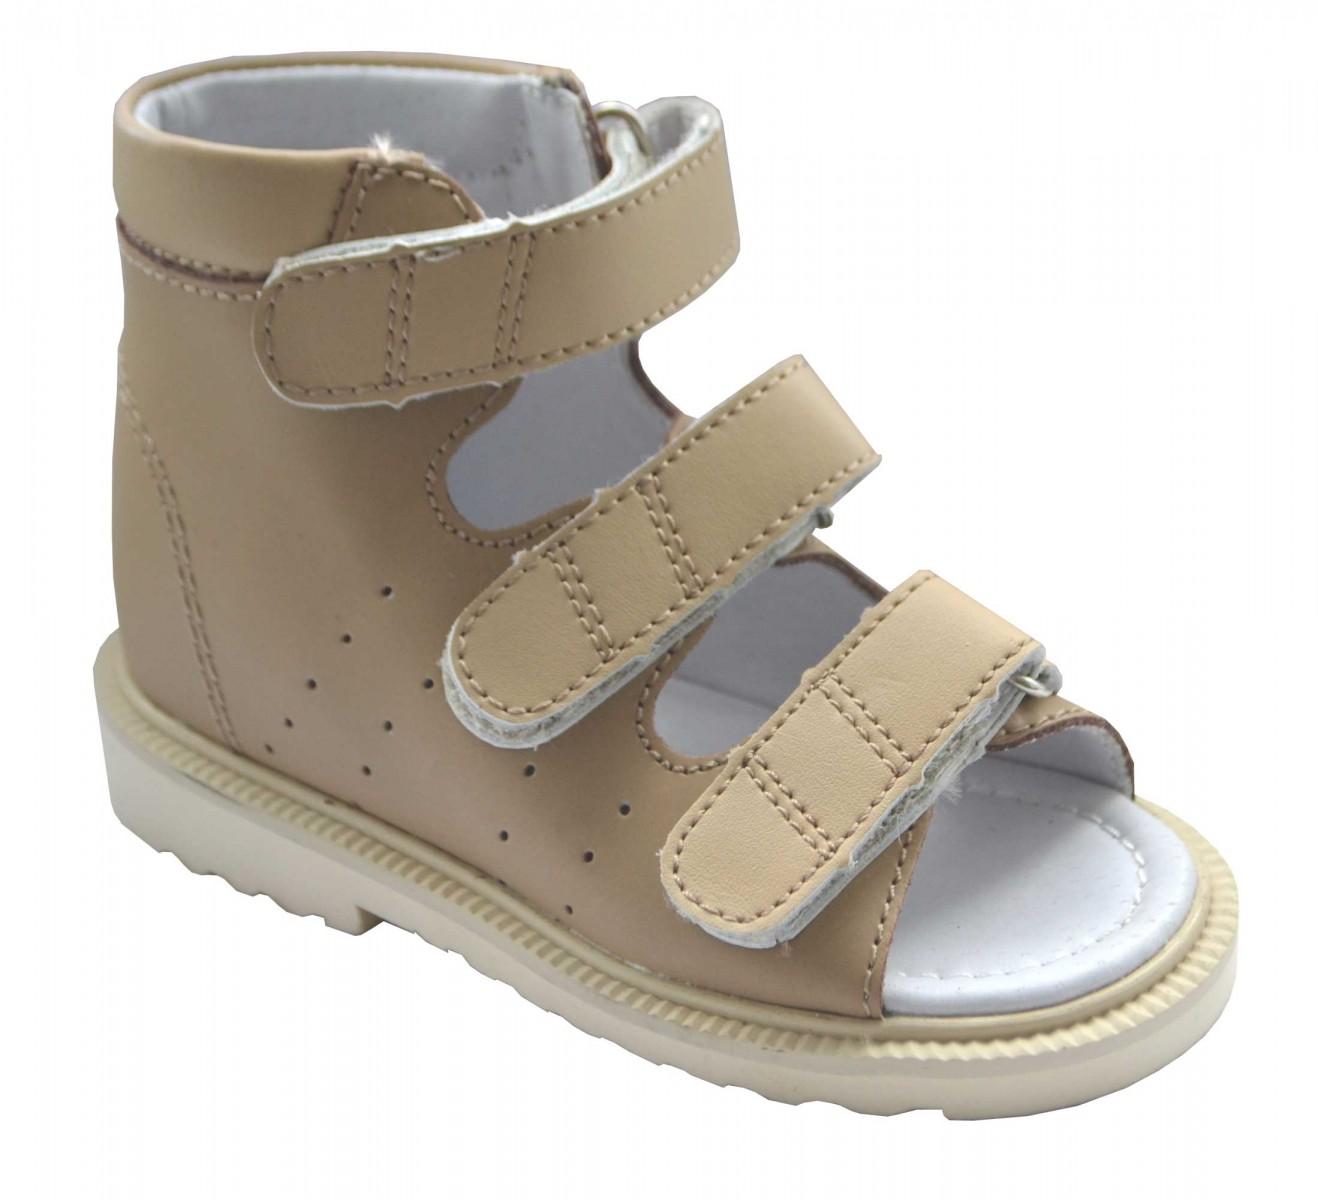 439e8db5d Босоножки ортопедические детские, сандалии летние | Производитель ...